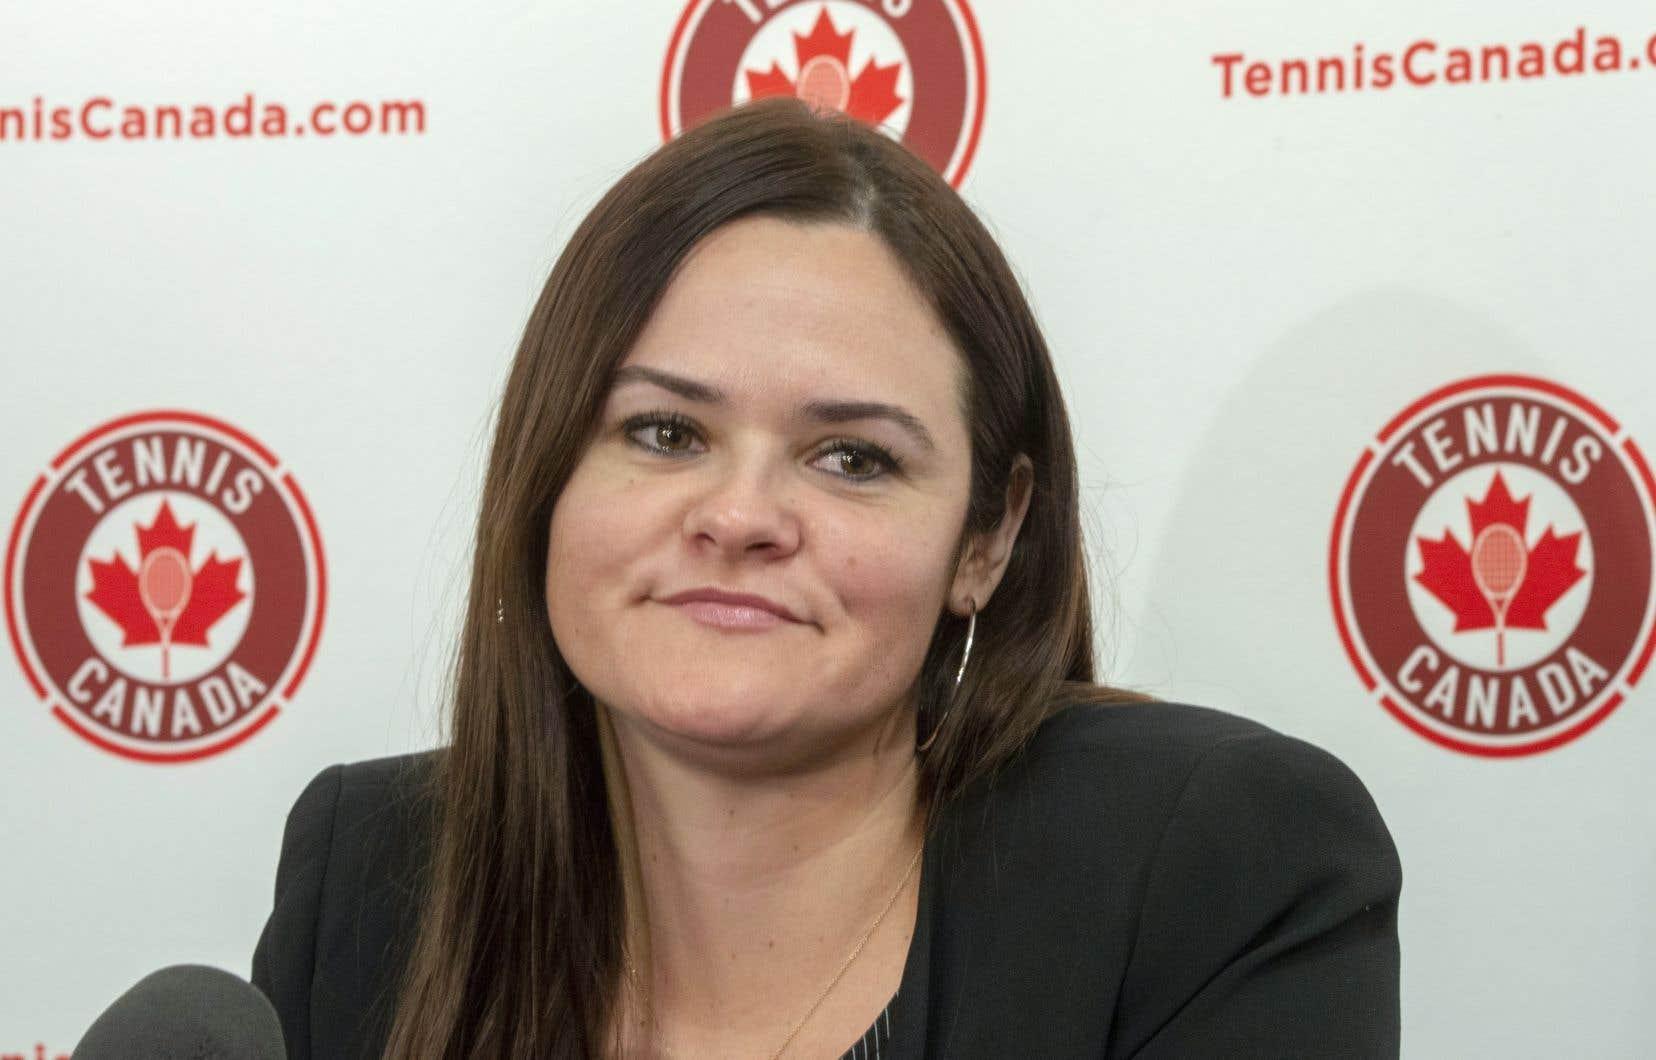 Tennis Canada a indiqué que Wozniak sera honorée lors d'une cérémonie sur le court central dans le cadre de la Coupe Rogers en 2019.